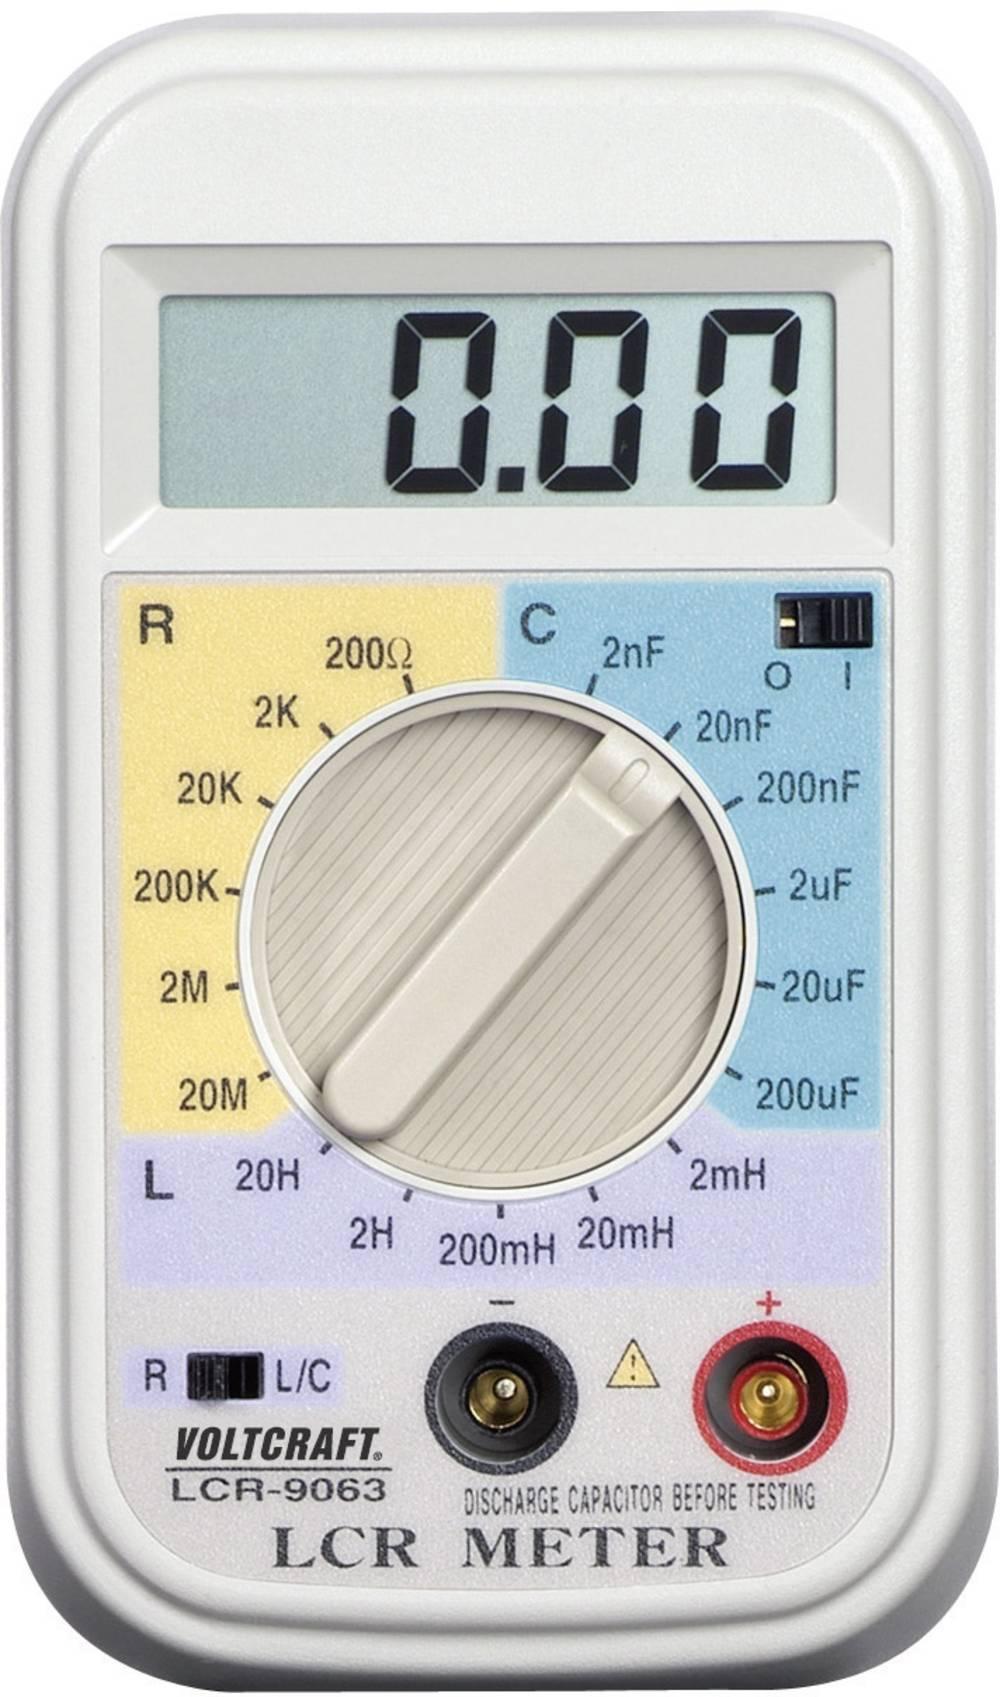 Tester komponent, digitalni VOLTCRAFT LCR-9063 kalibracija narejena po: delovnih standardih, CAT I število znakov na zaslonu: 20